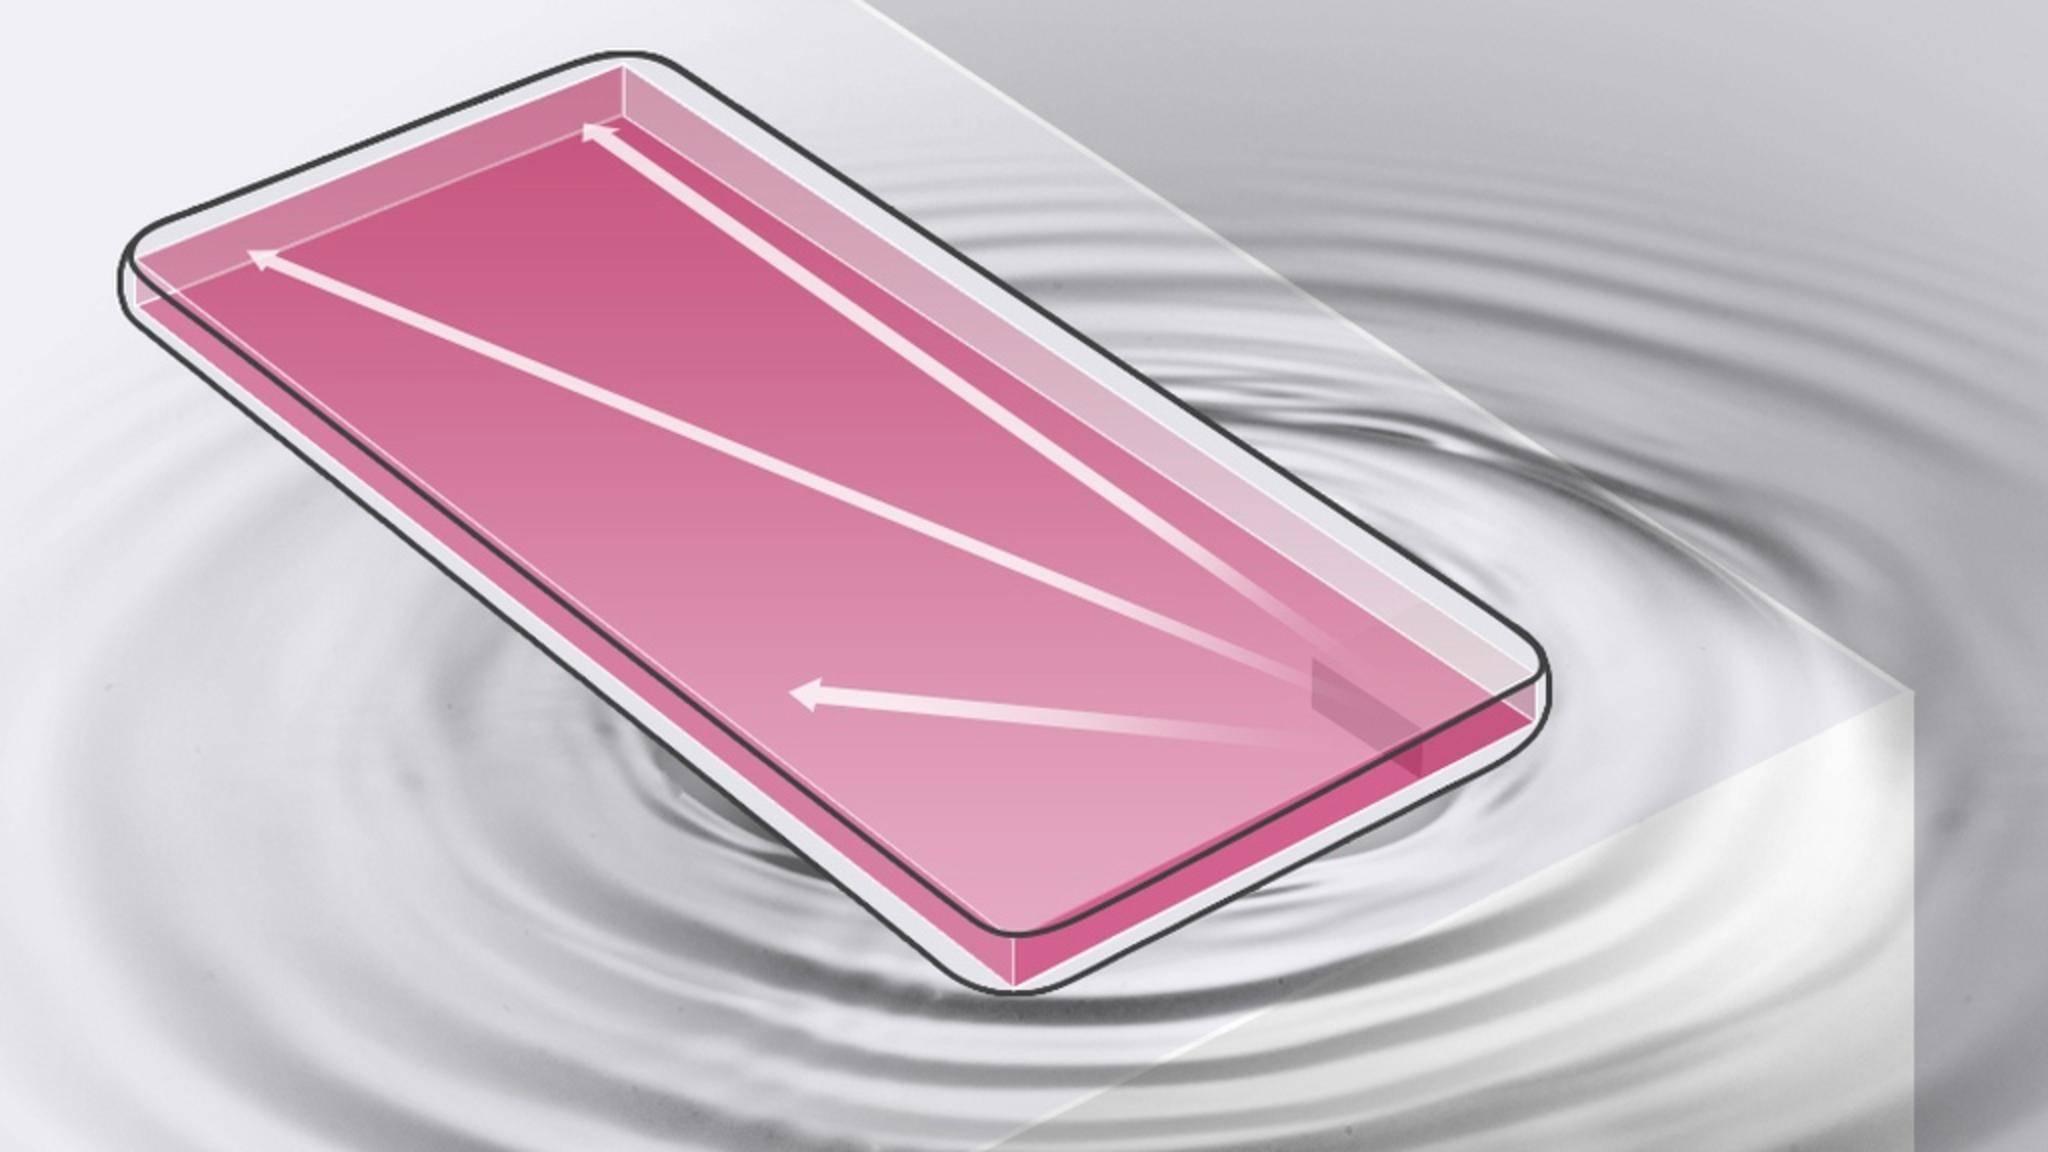 """Der """"Boombox Speaker"""" des LG G7 ThinQ wird angeblich einen mächtigen Bass liefern."""